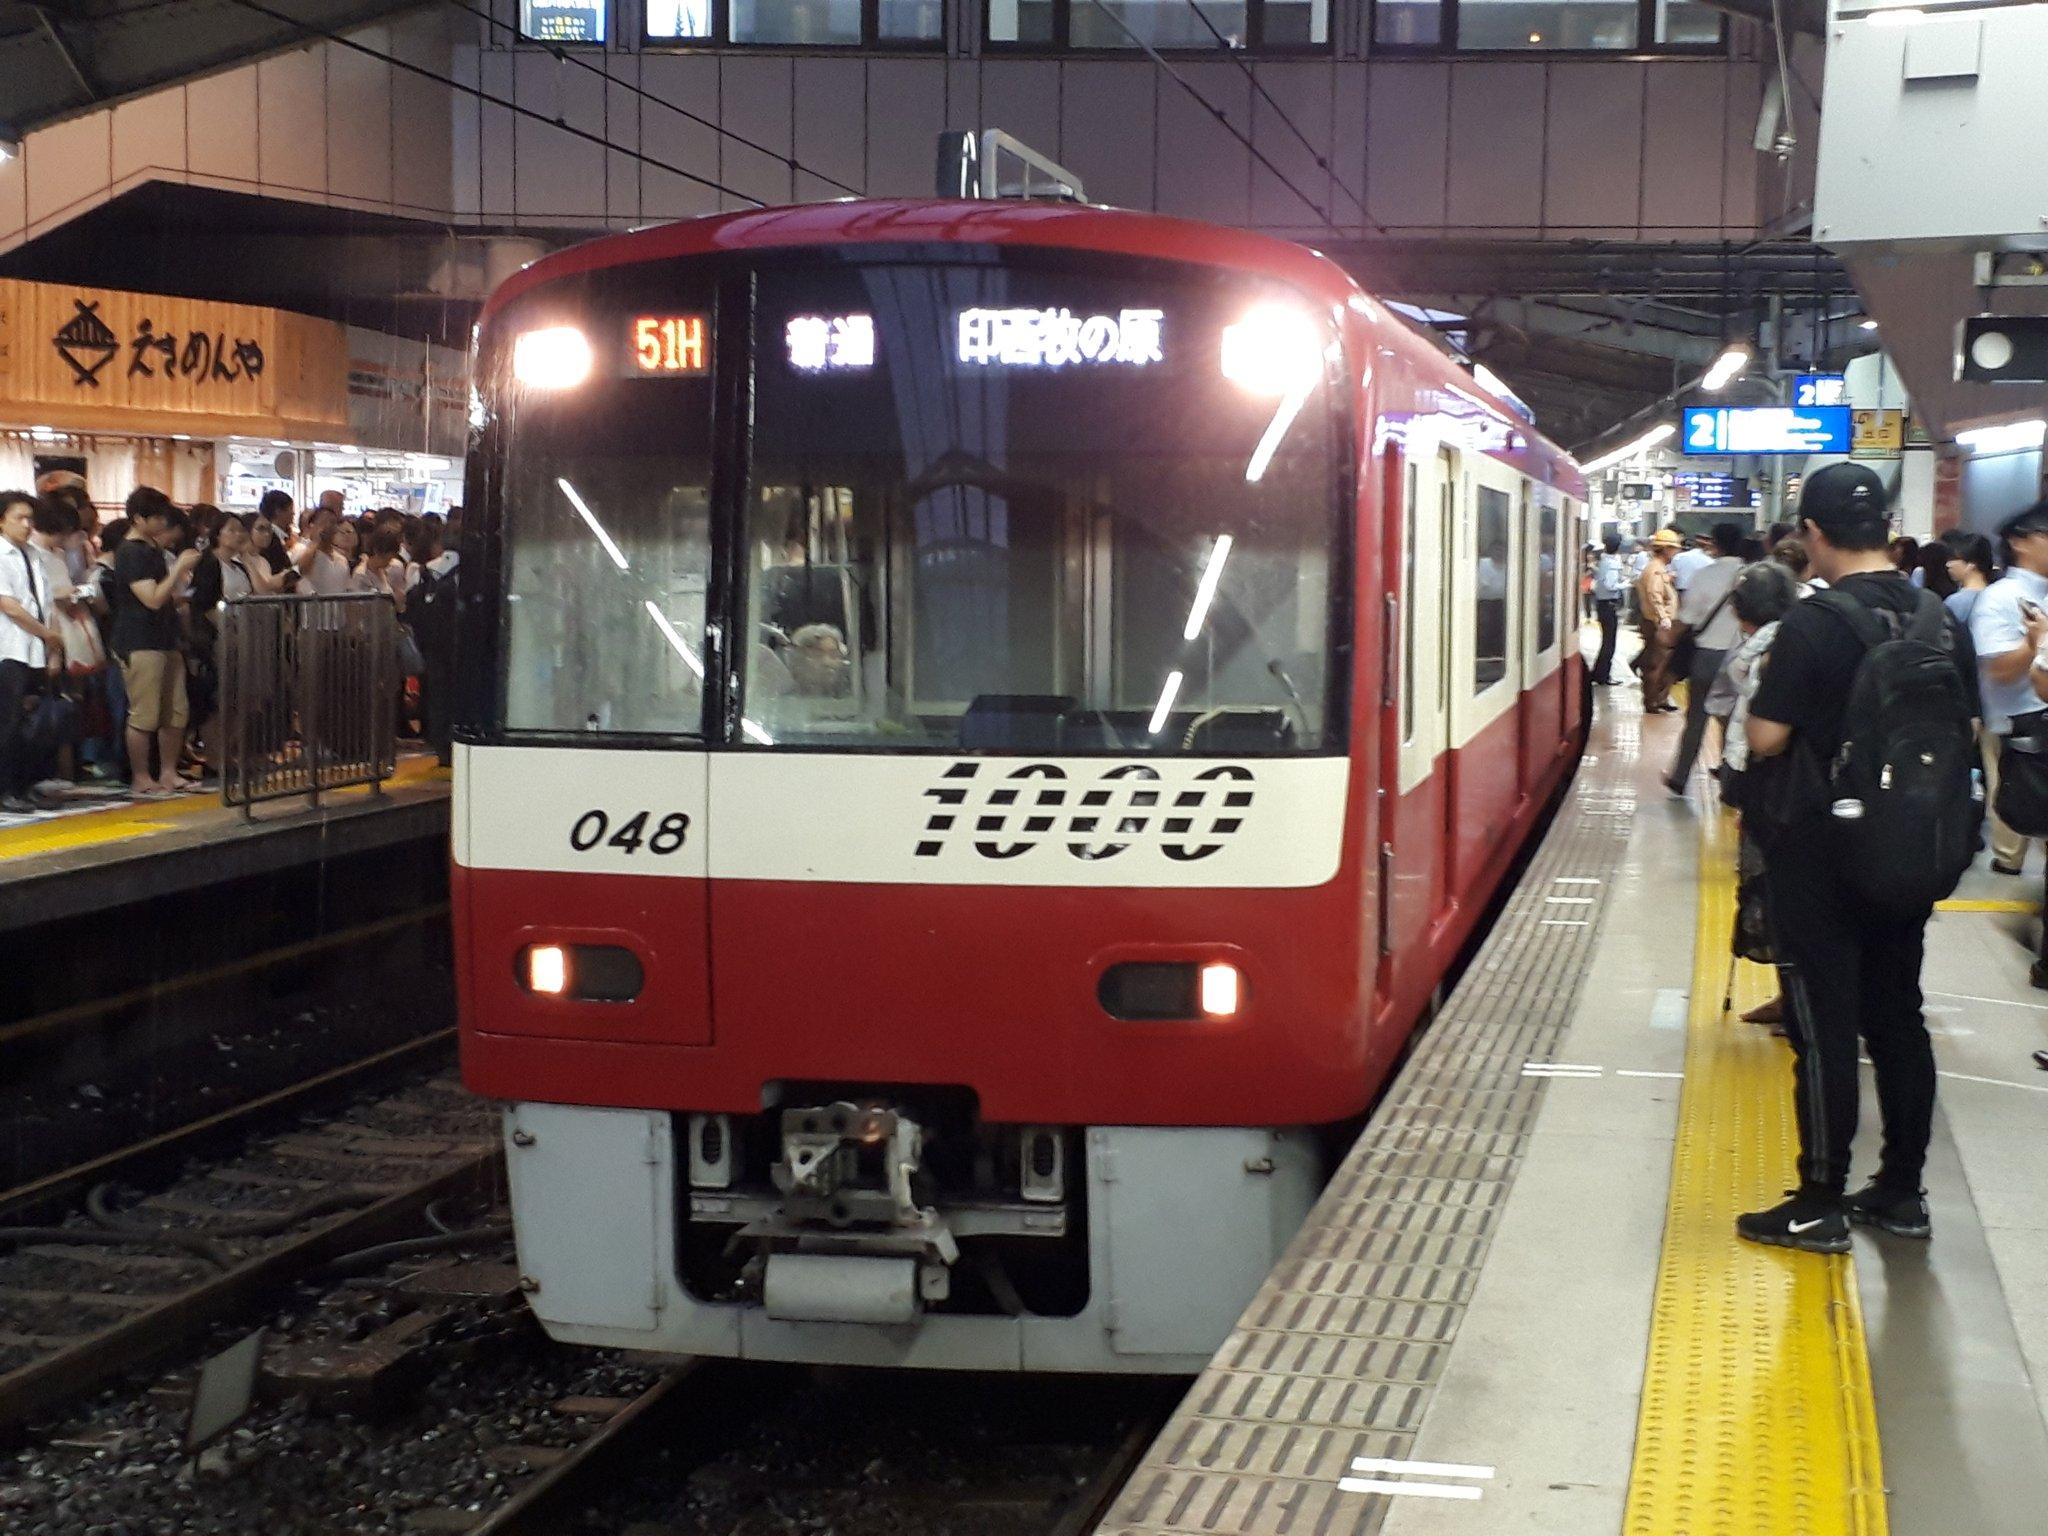 京急本線の品川駅で人身事故が起きた現場の画像